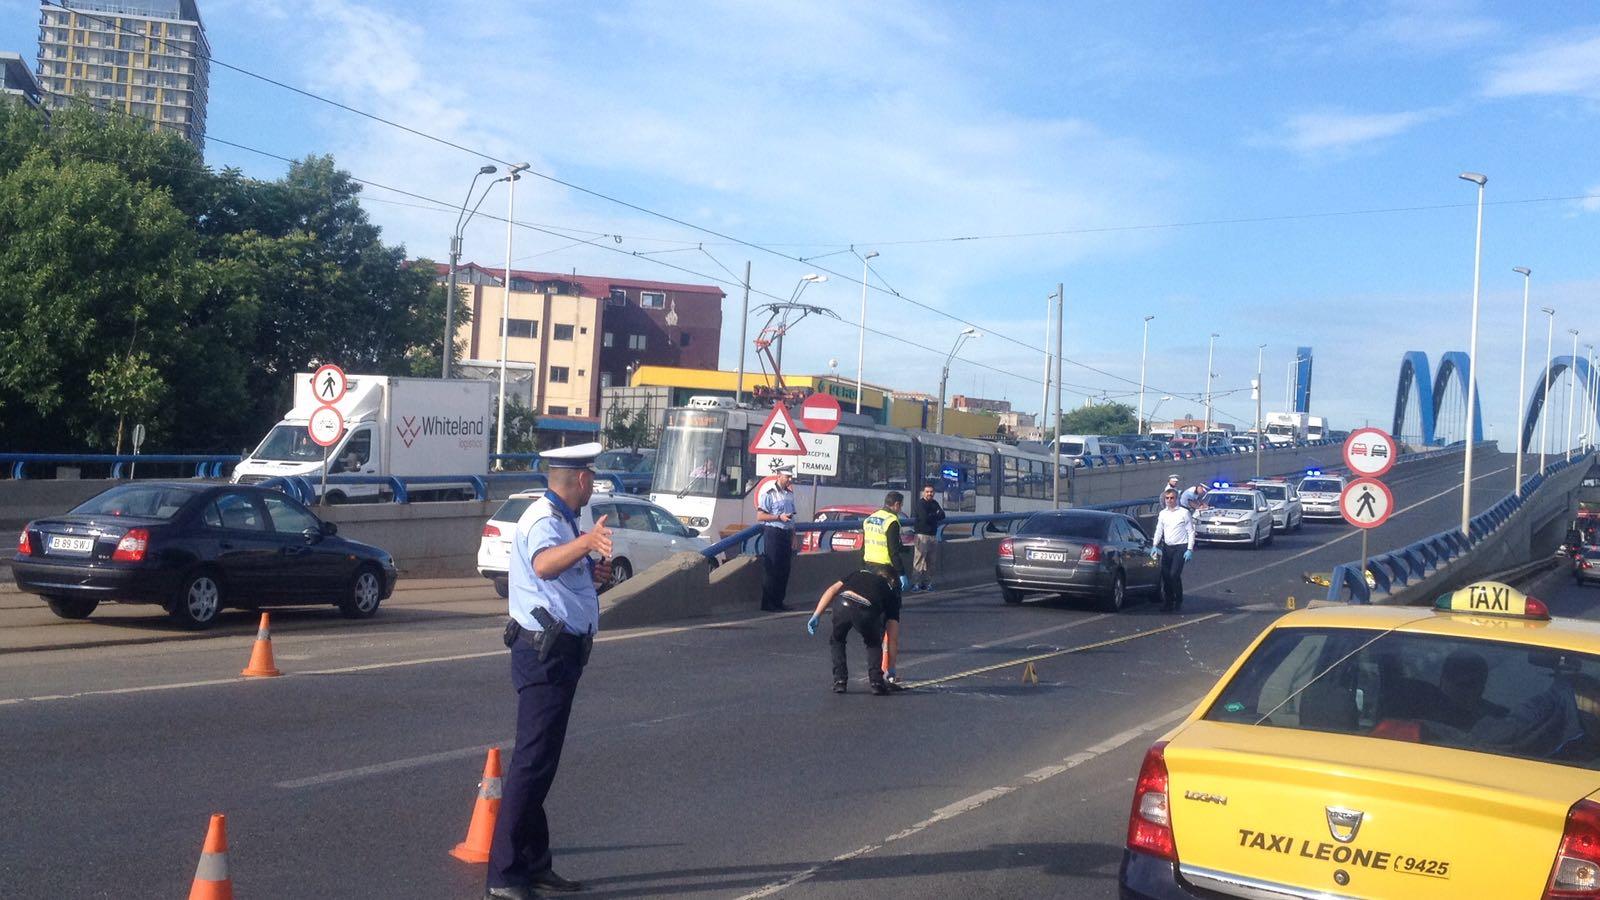 Pieton accidentat mortal, în zona Podului Văcărești din Capitală